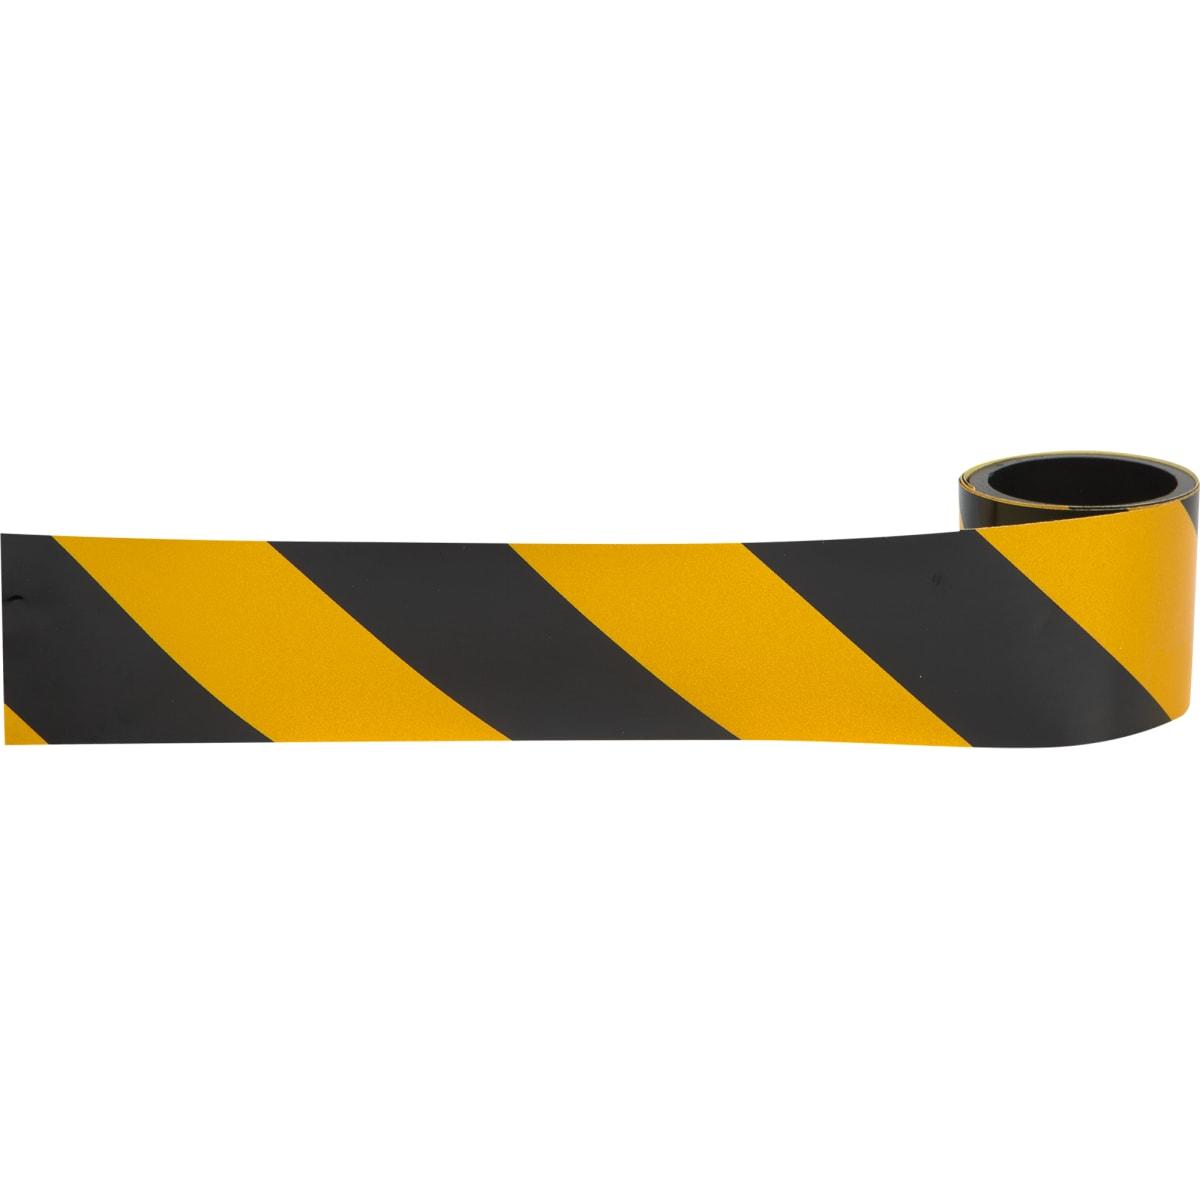 Лента светоотражающая самоклеящаяся 100х5 см цвет жёлто-чёрный